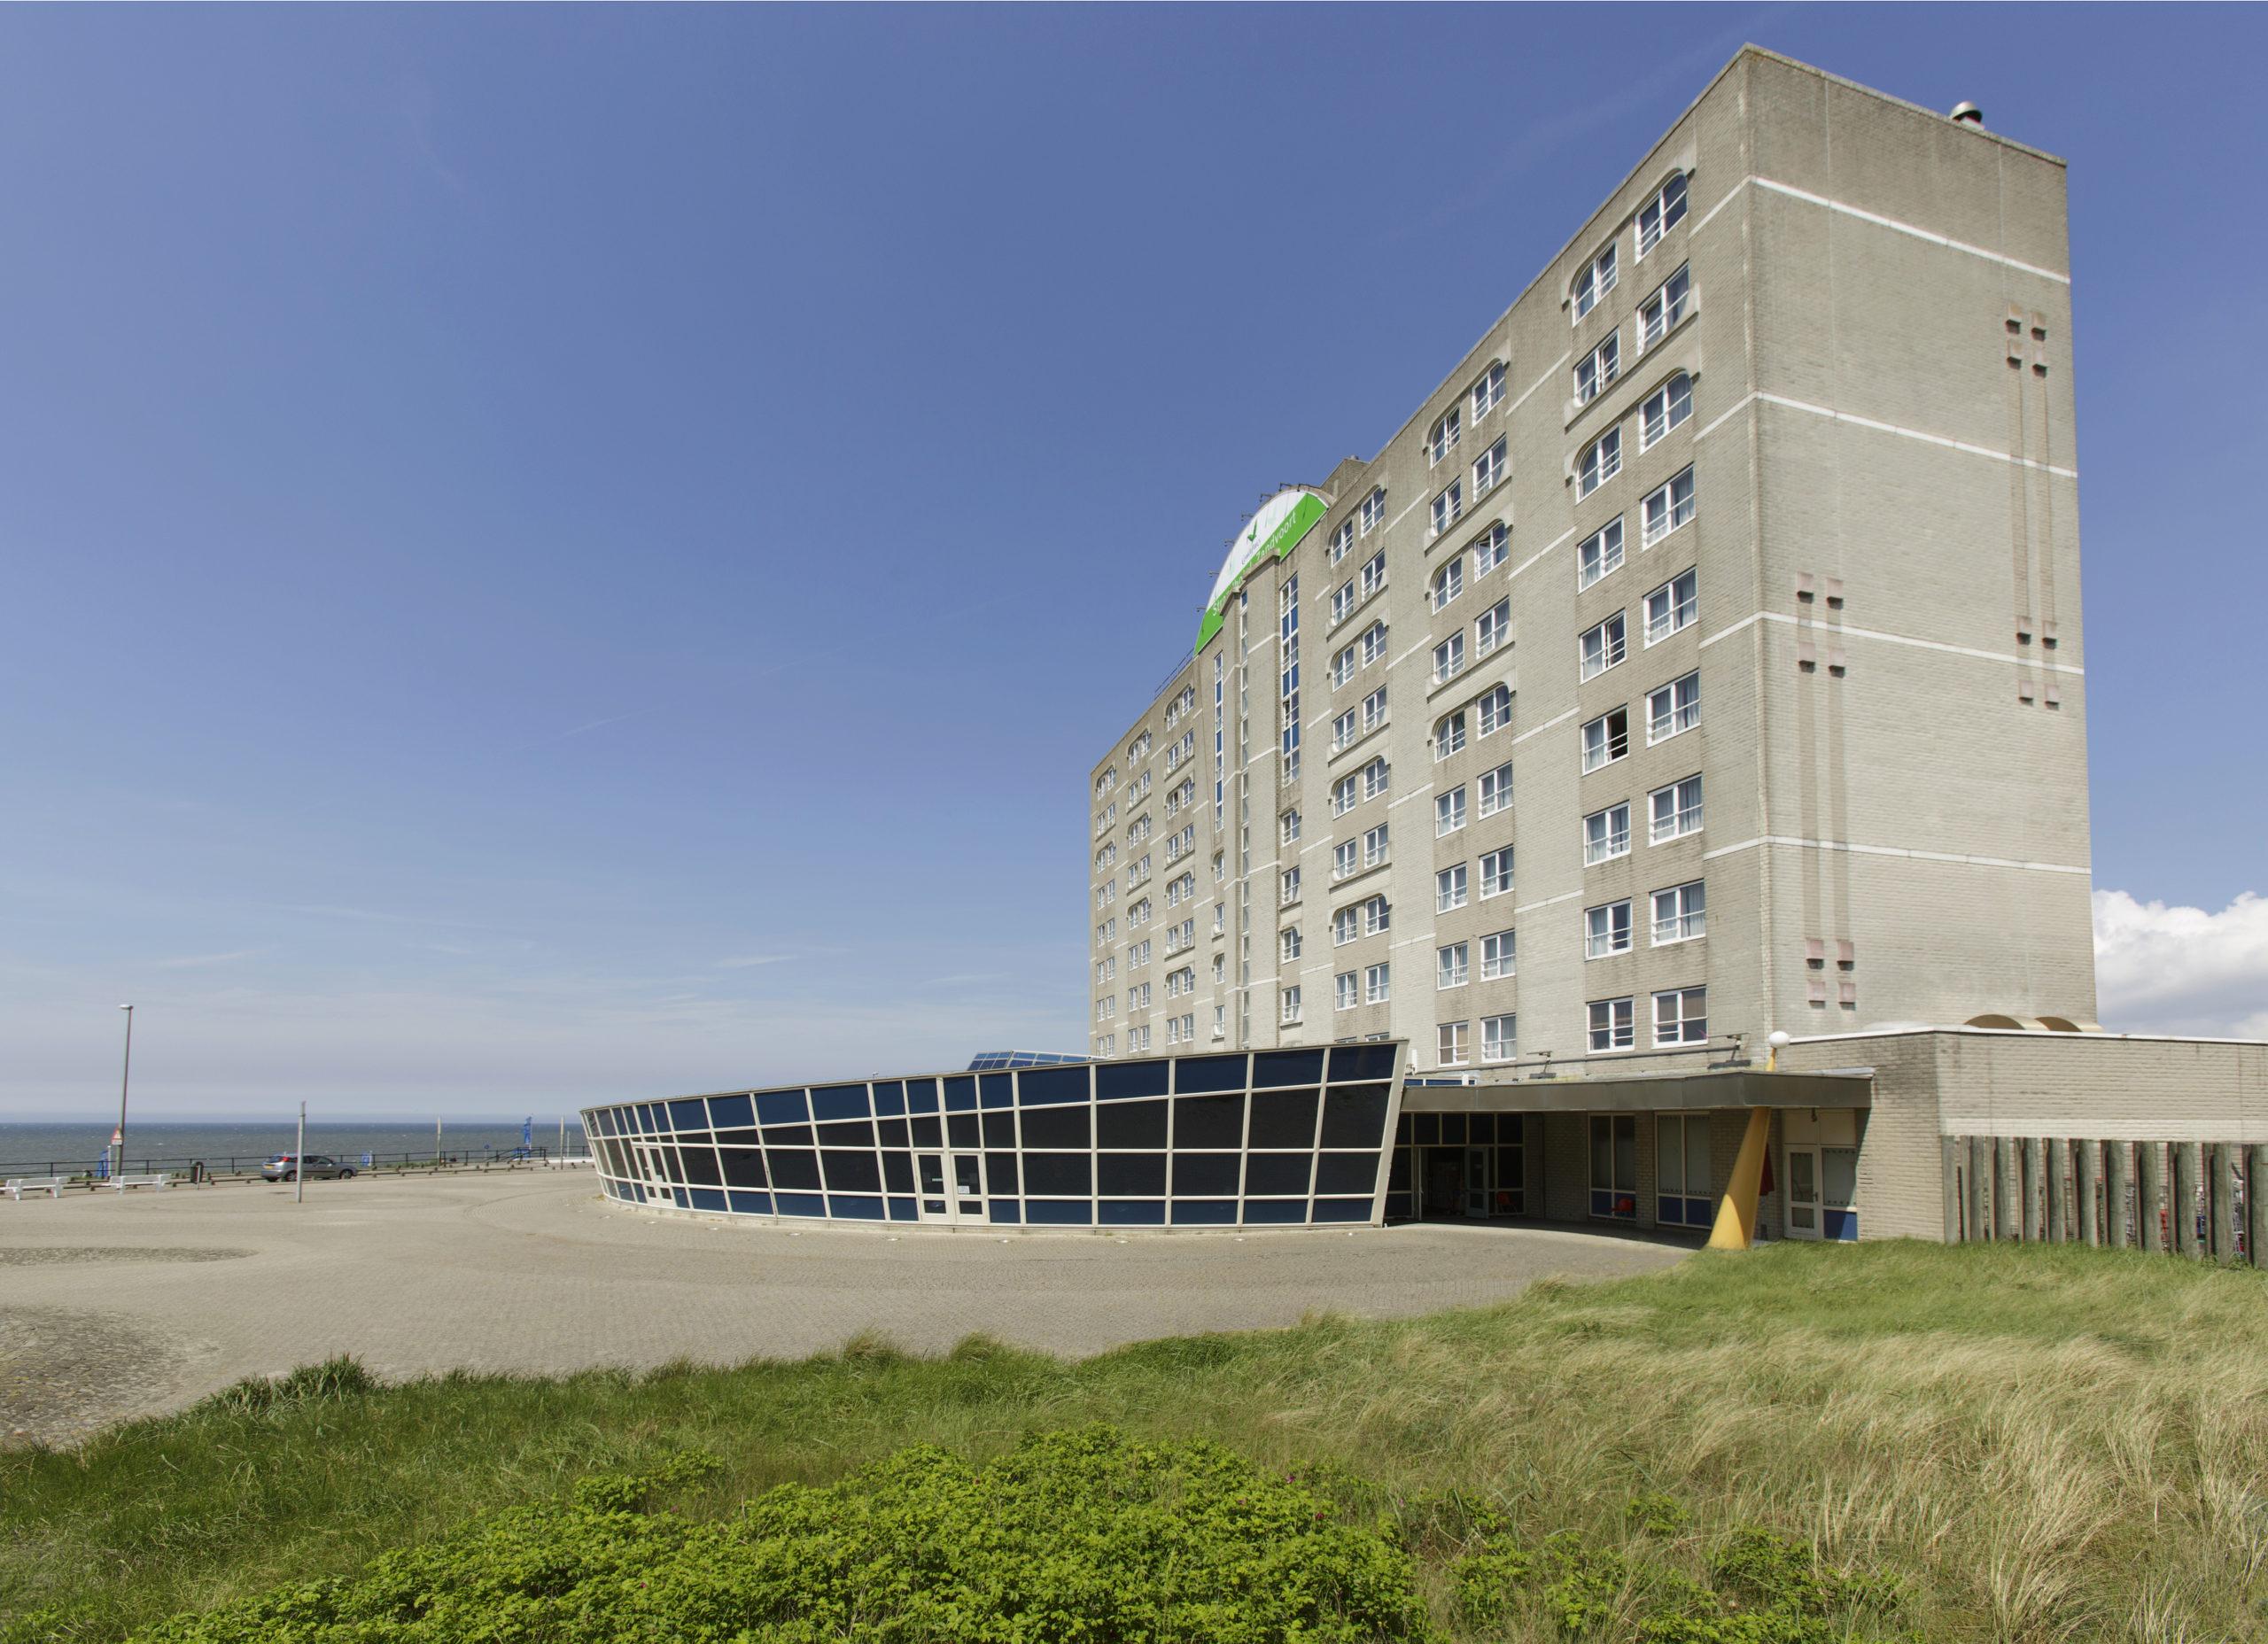 Zandvoort Center Parc